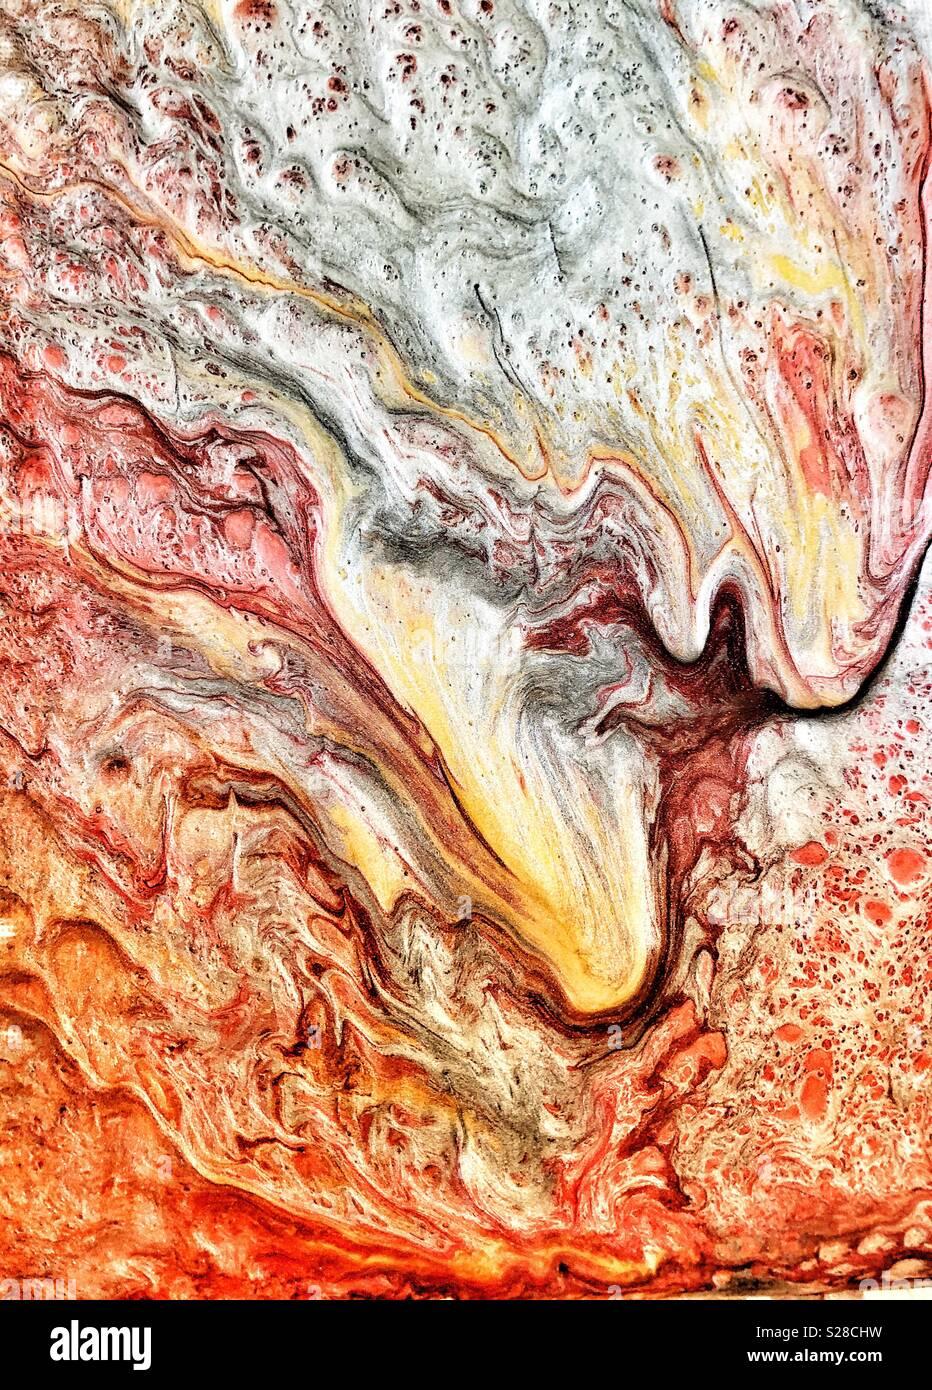 Abstrakte Sprudelnde malen auf Leinwand Stockbild